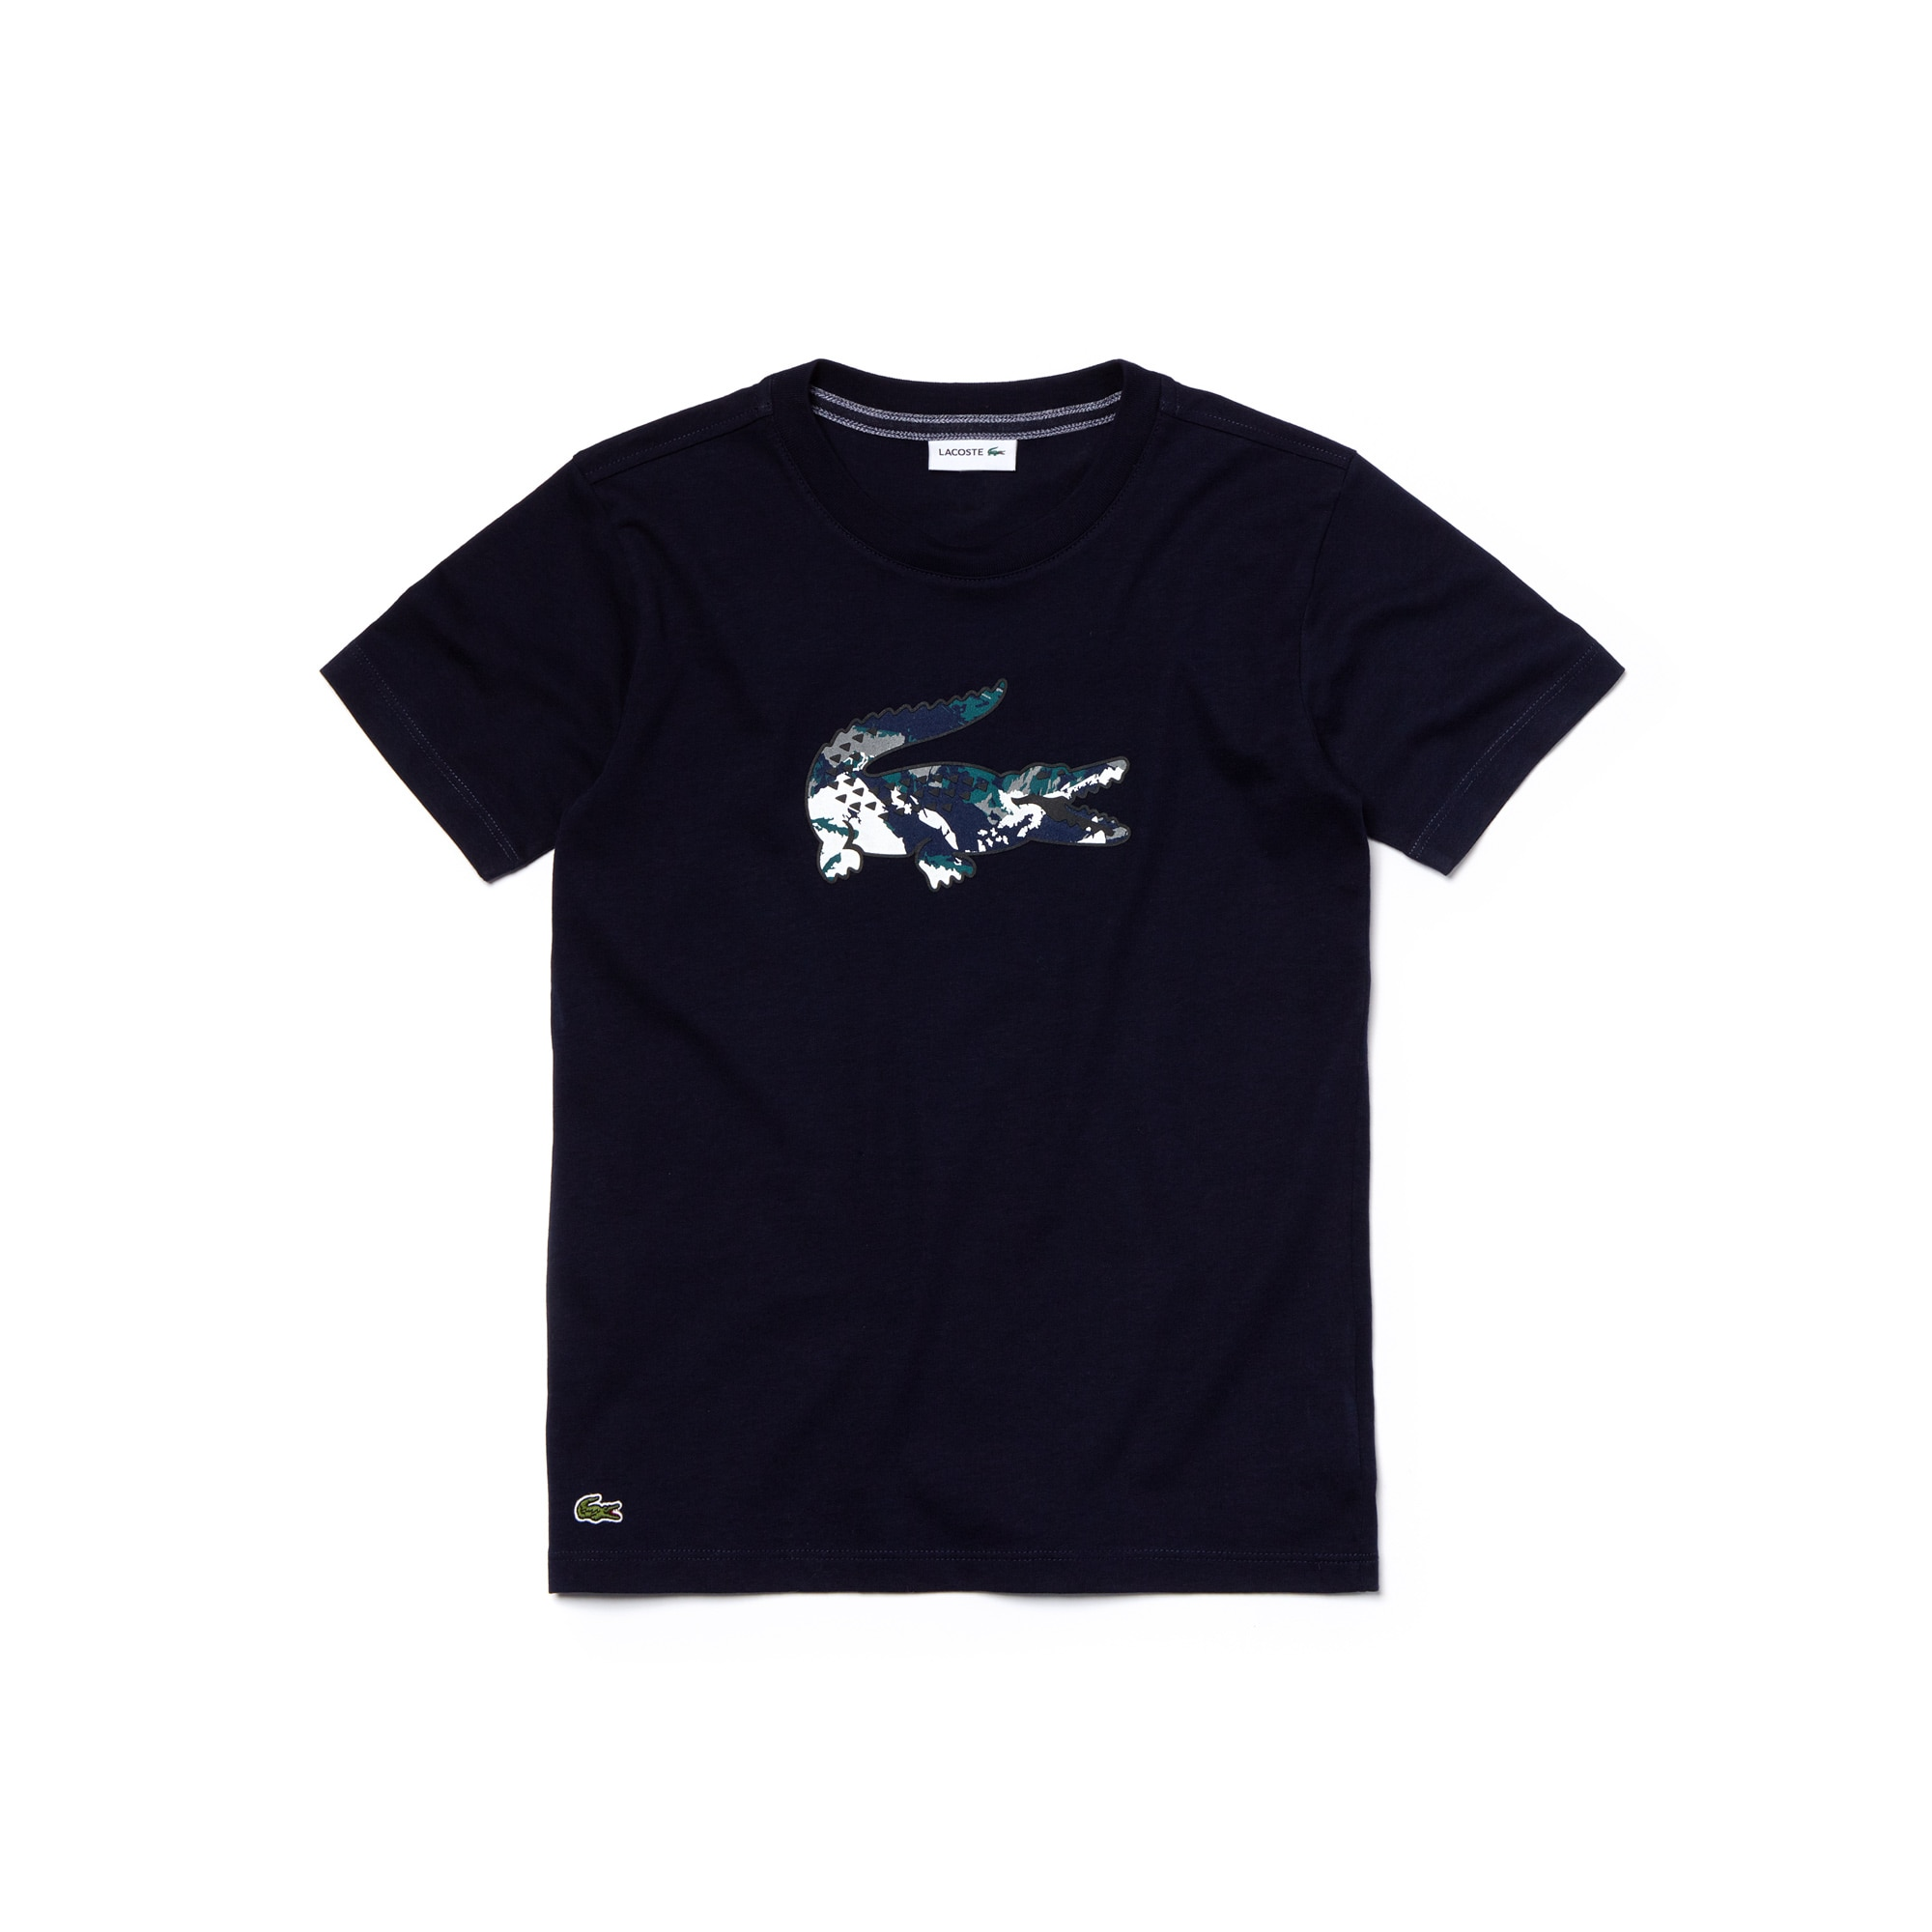 Camiseta De Niño En Tejido De Punto De Algodón Con Cocodrilo Oversized